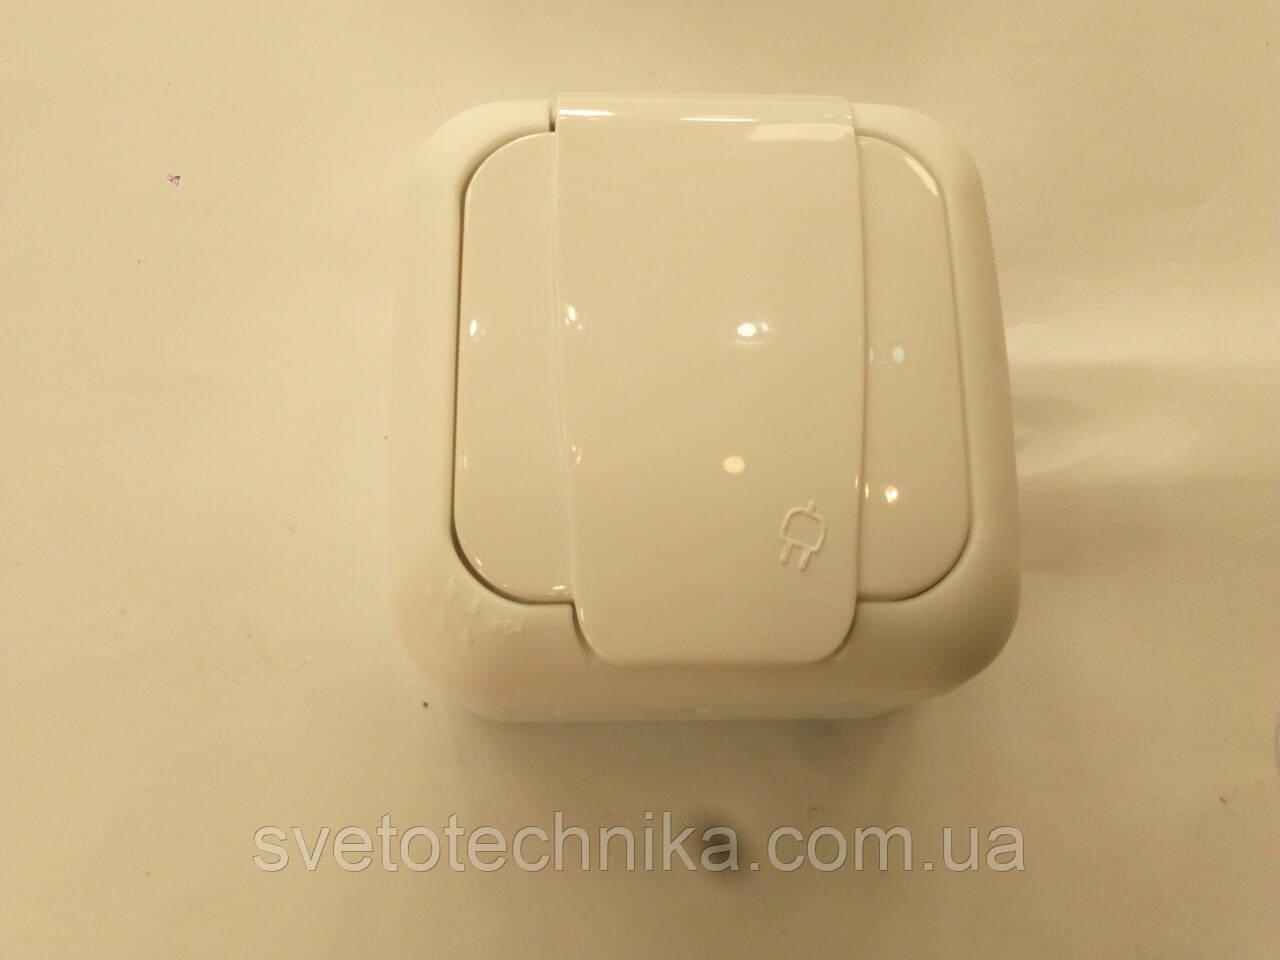 Розетка Palmiye одинарная с заземлением  IP64  (серого цвета)